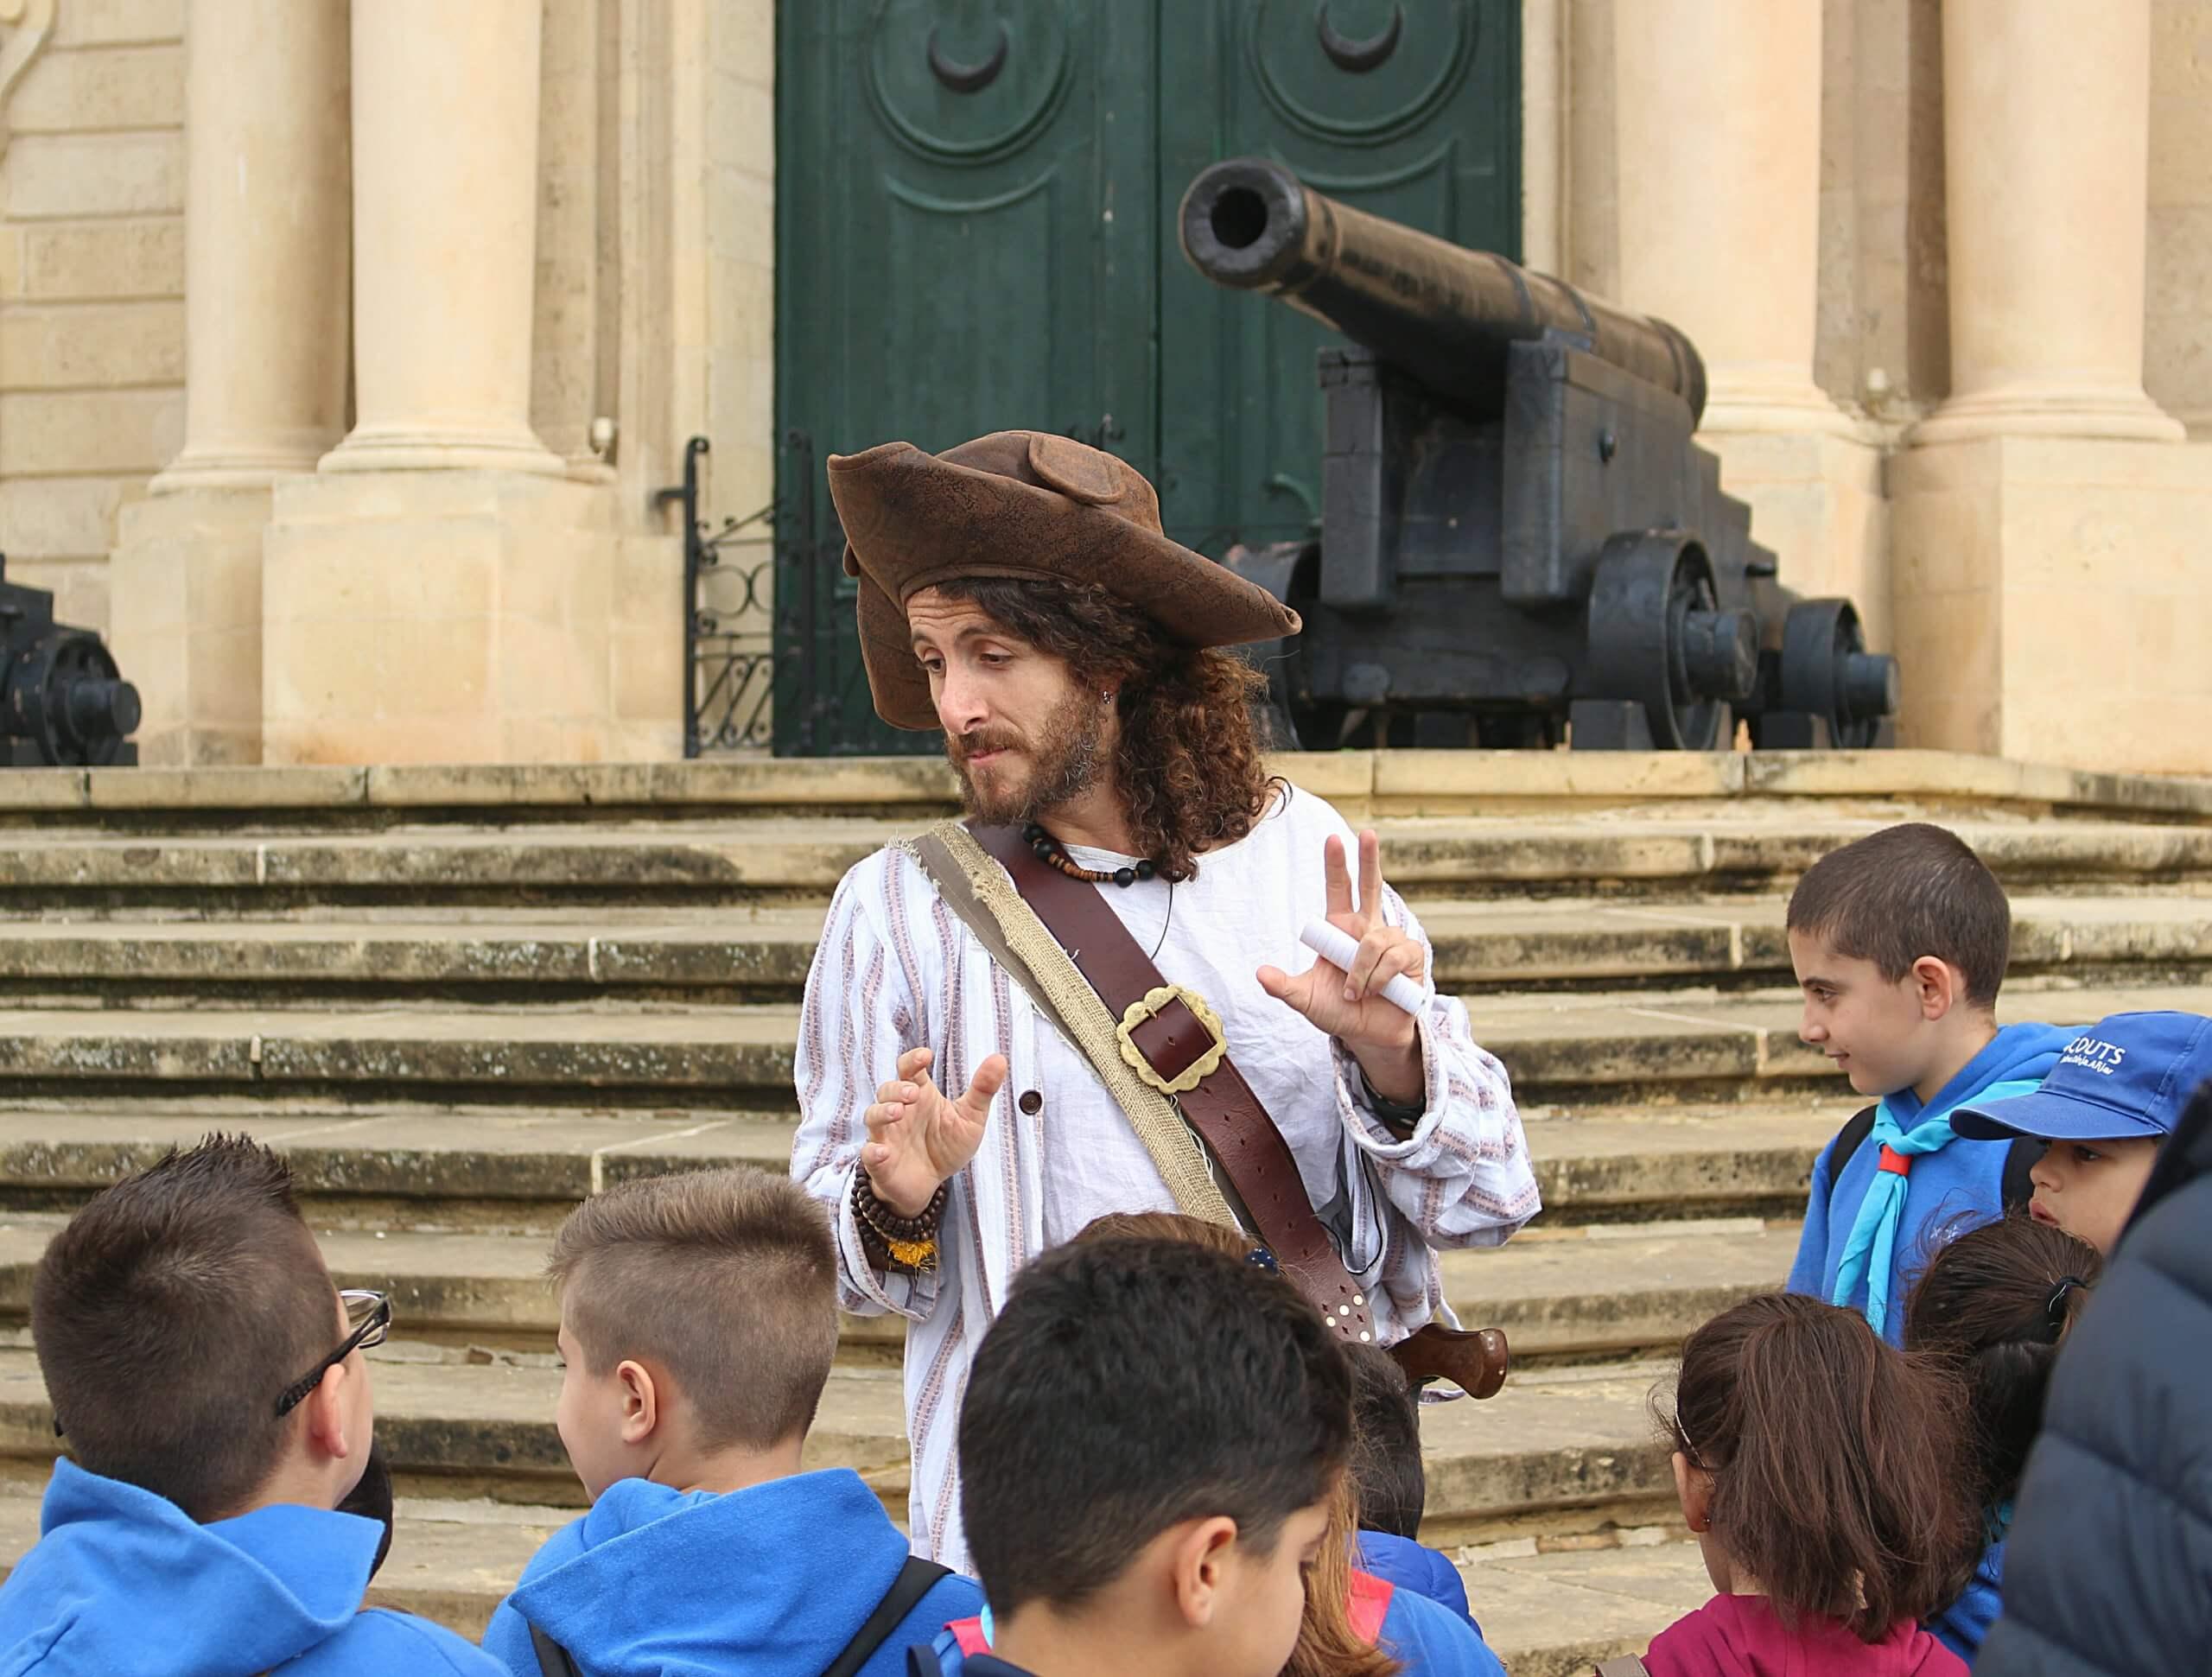 Children's Pirate Valletta Tour